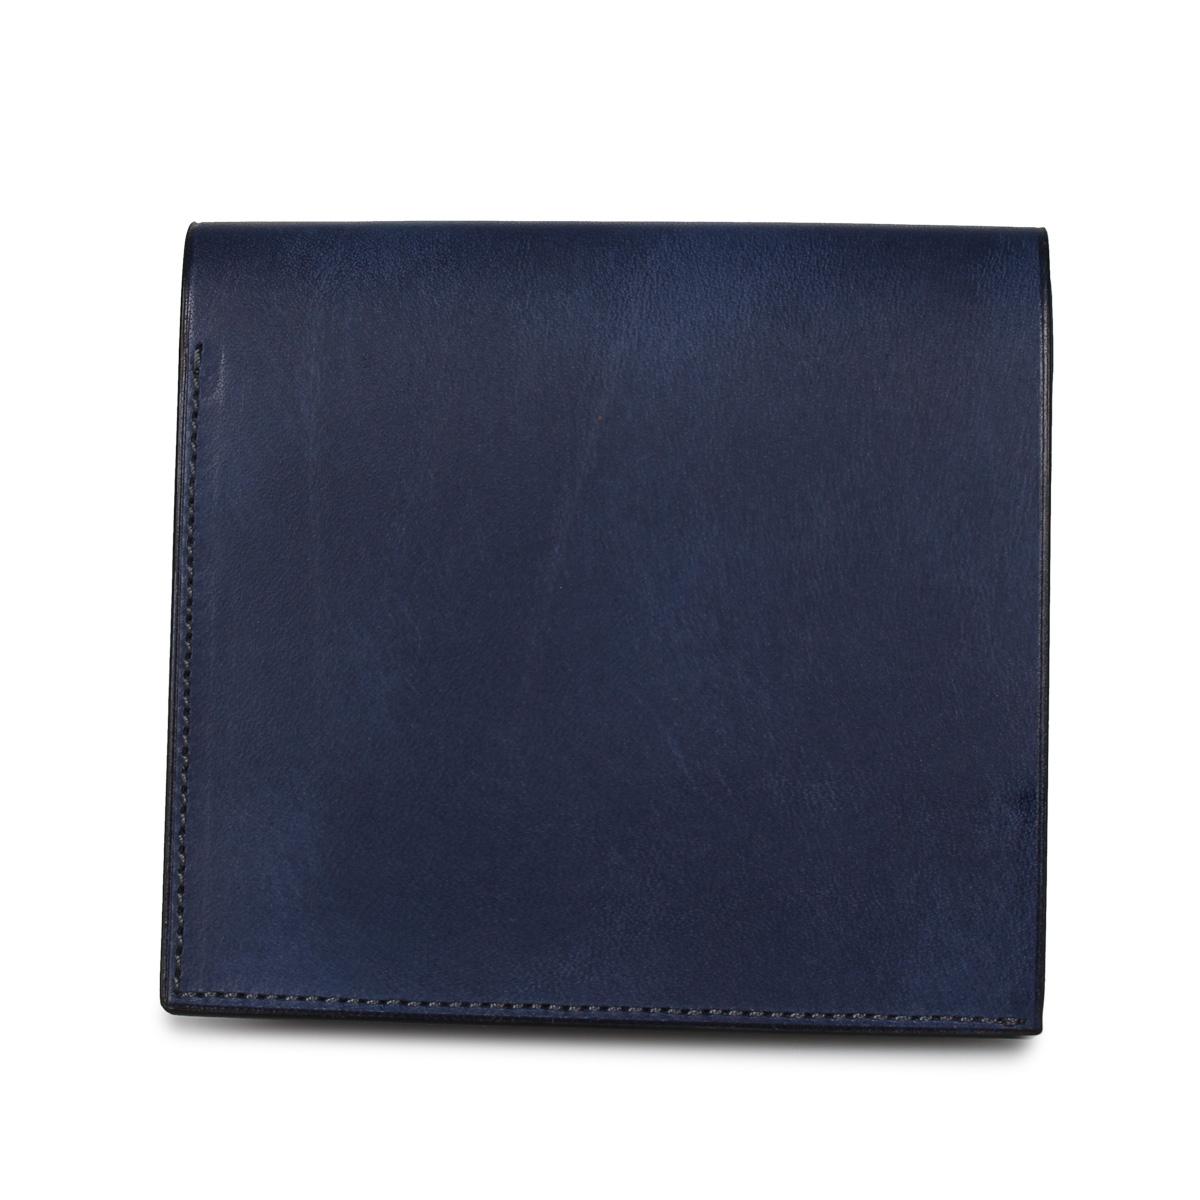 HIROAN PROSSIMO ヒロアン 財布 二つ折り メンズ 博庵 ブラック ネイビー ブラウン 黒 HM-201823